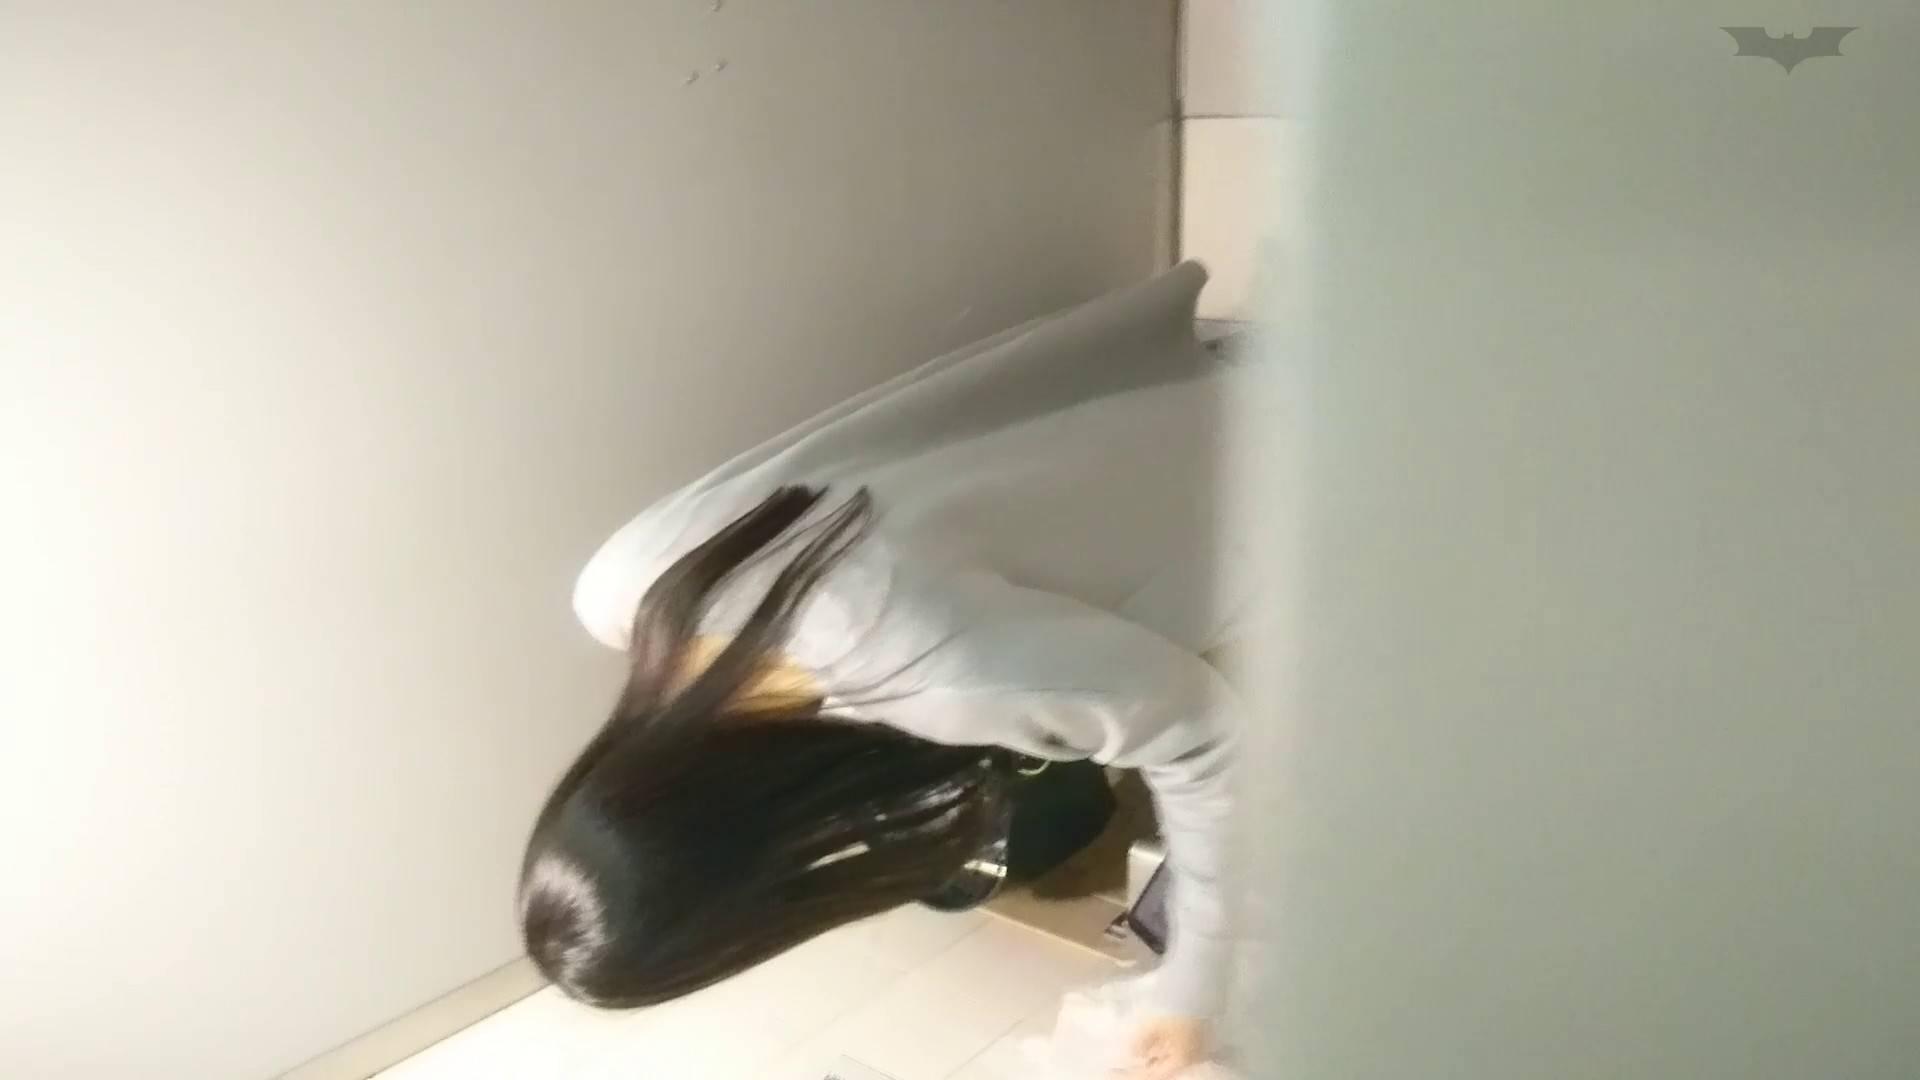 化粧室絵巻 ショッピングモール編 VOL.21 丸見え AV動画キャプチャ 109枚 24